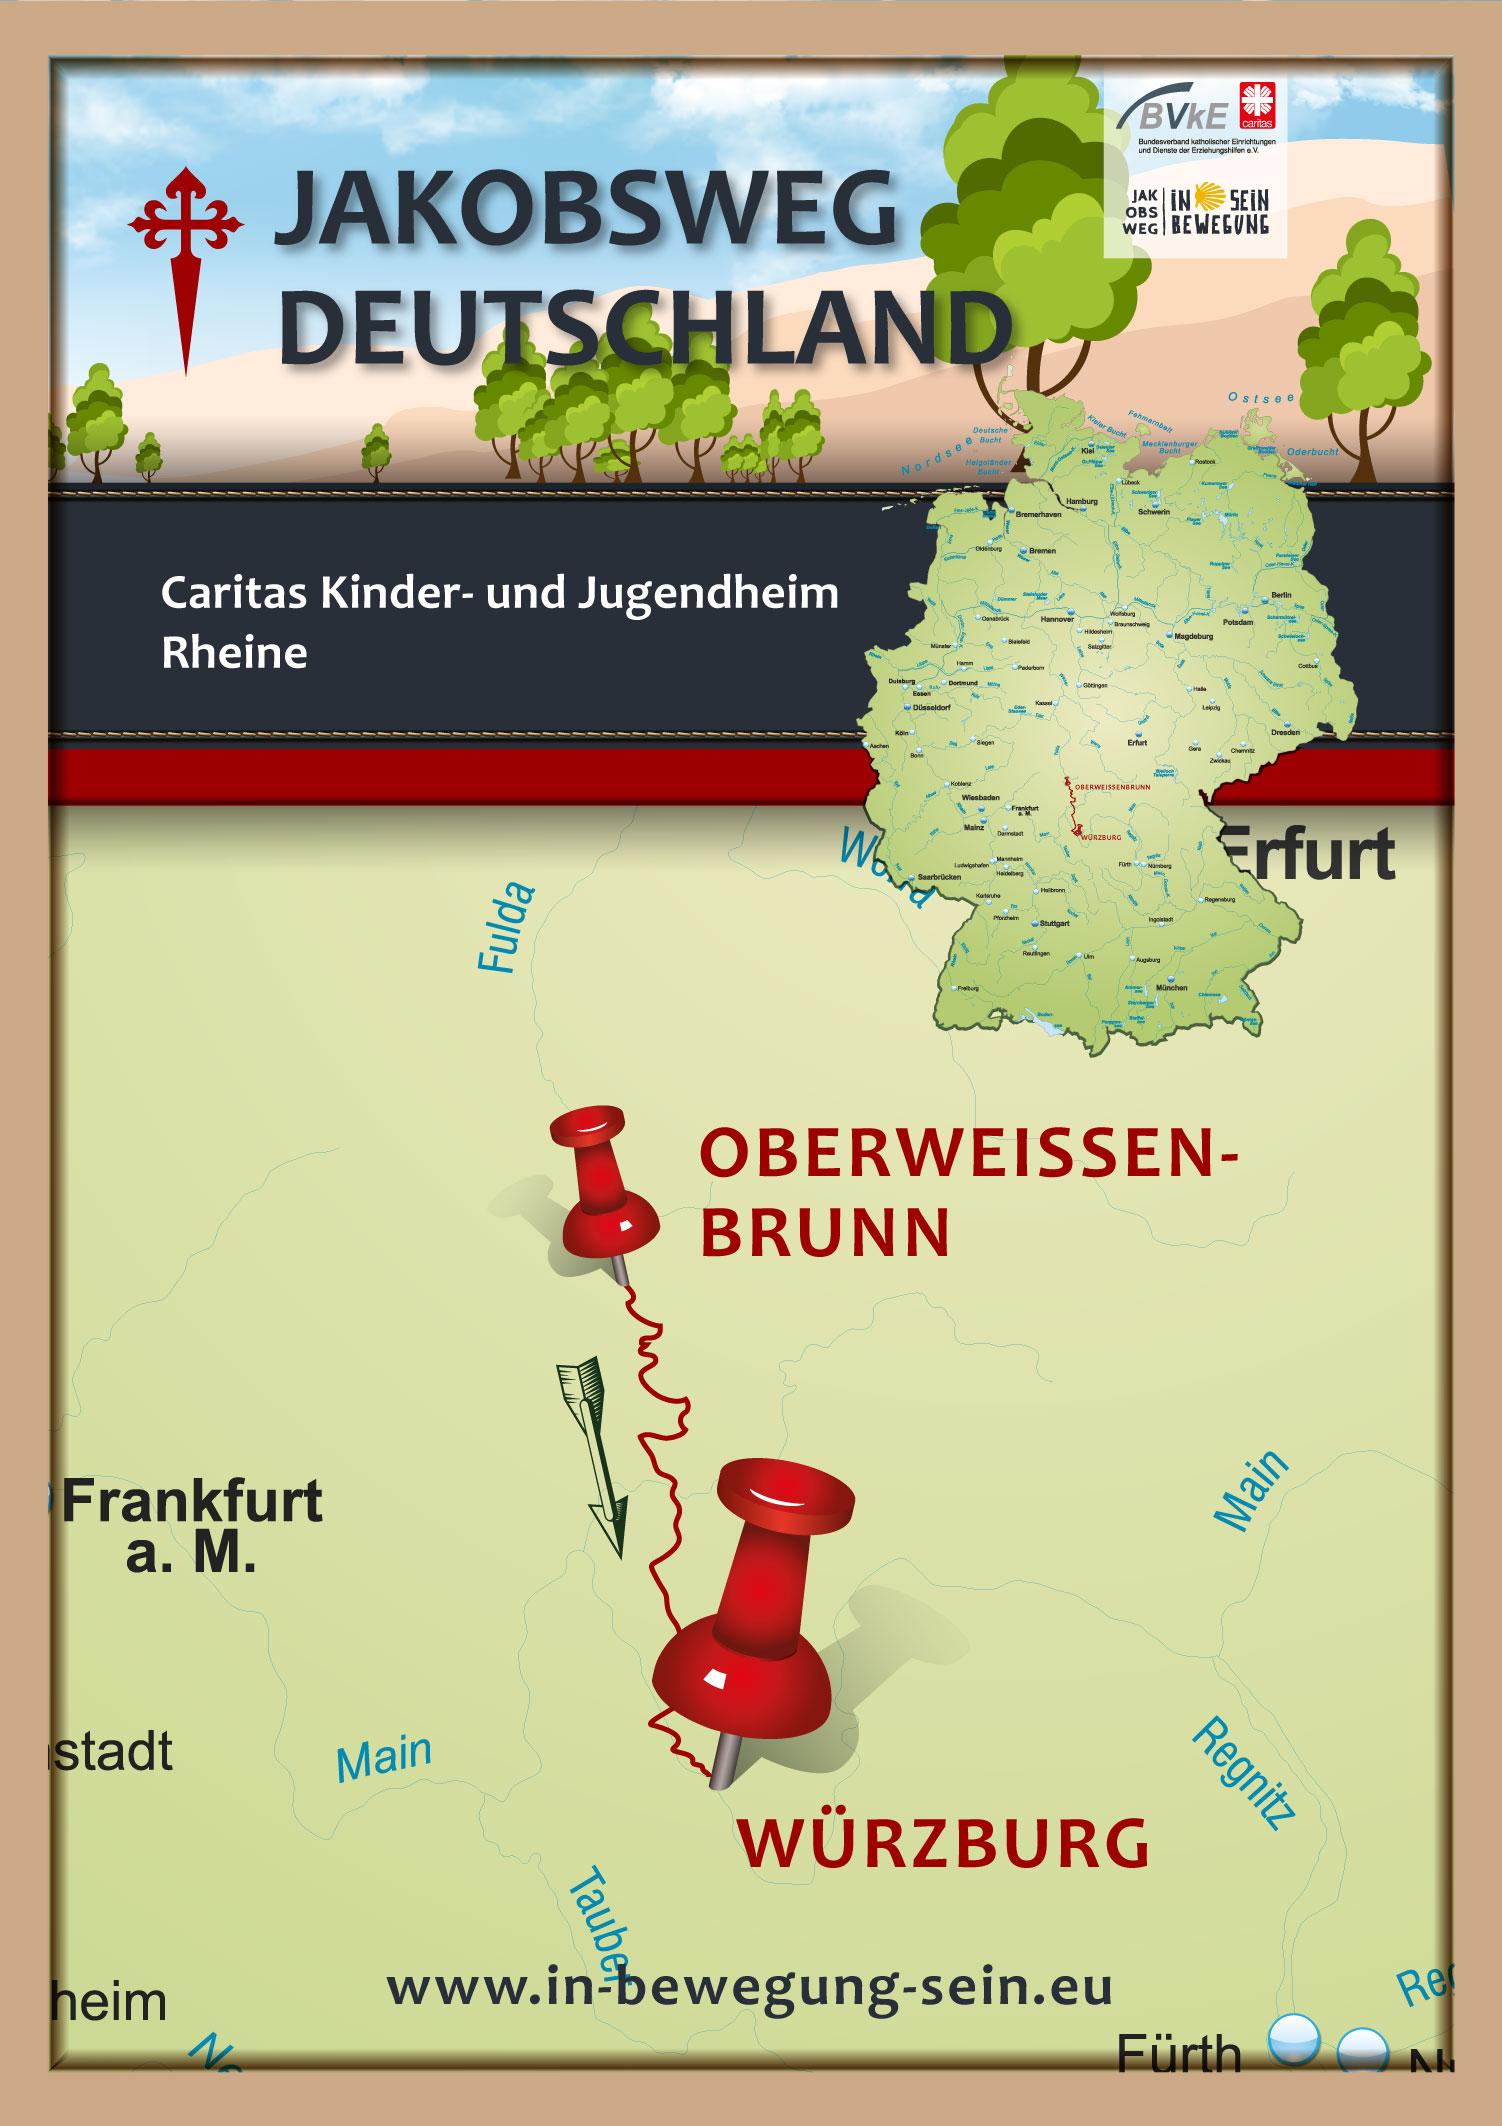 Posterkarte-Caritas-Kinder-und-Jugendheim-Rheine-Plakat